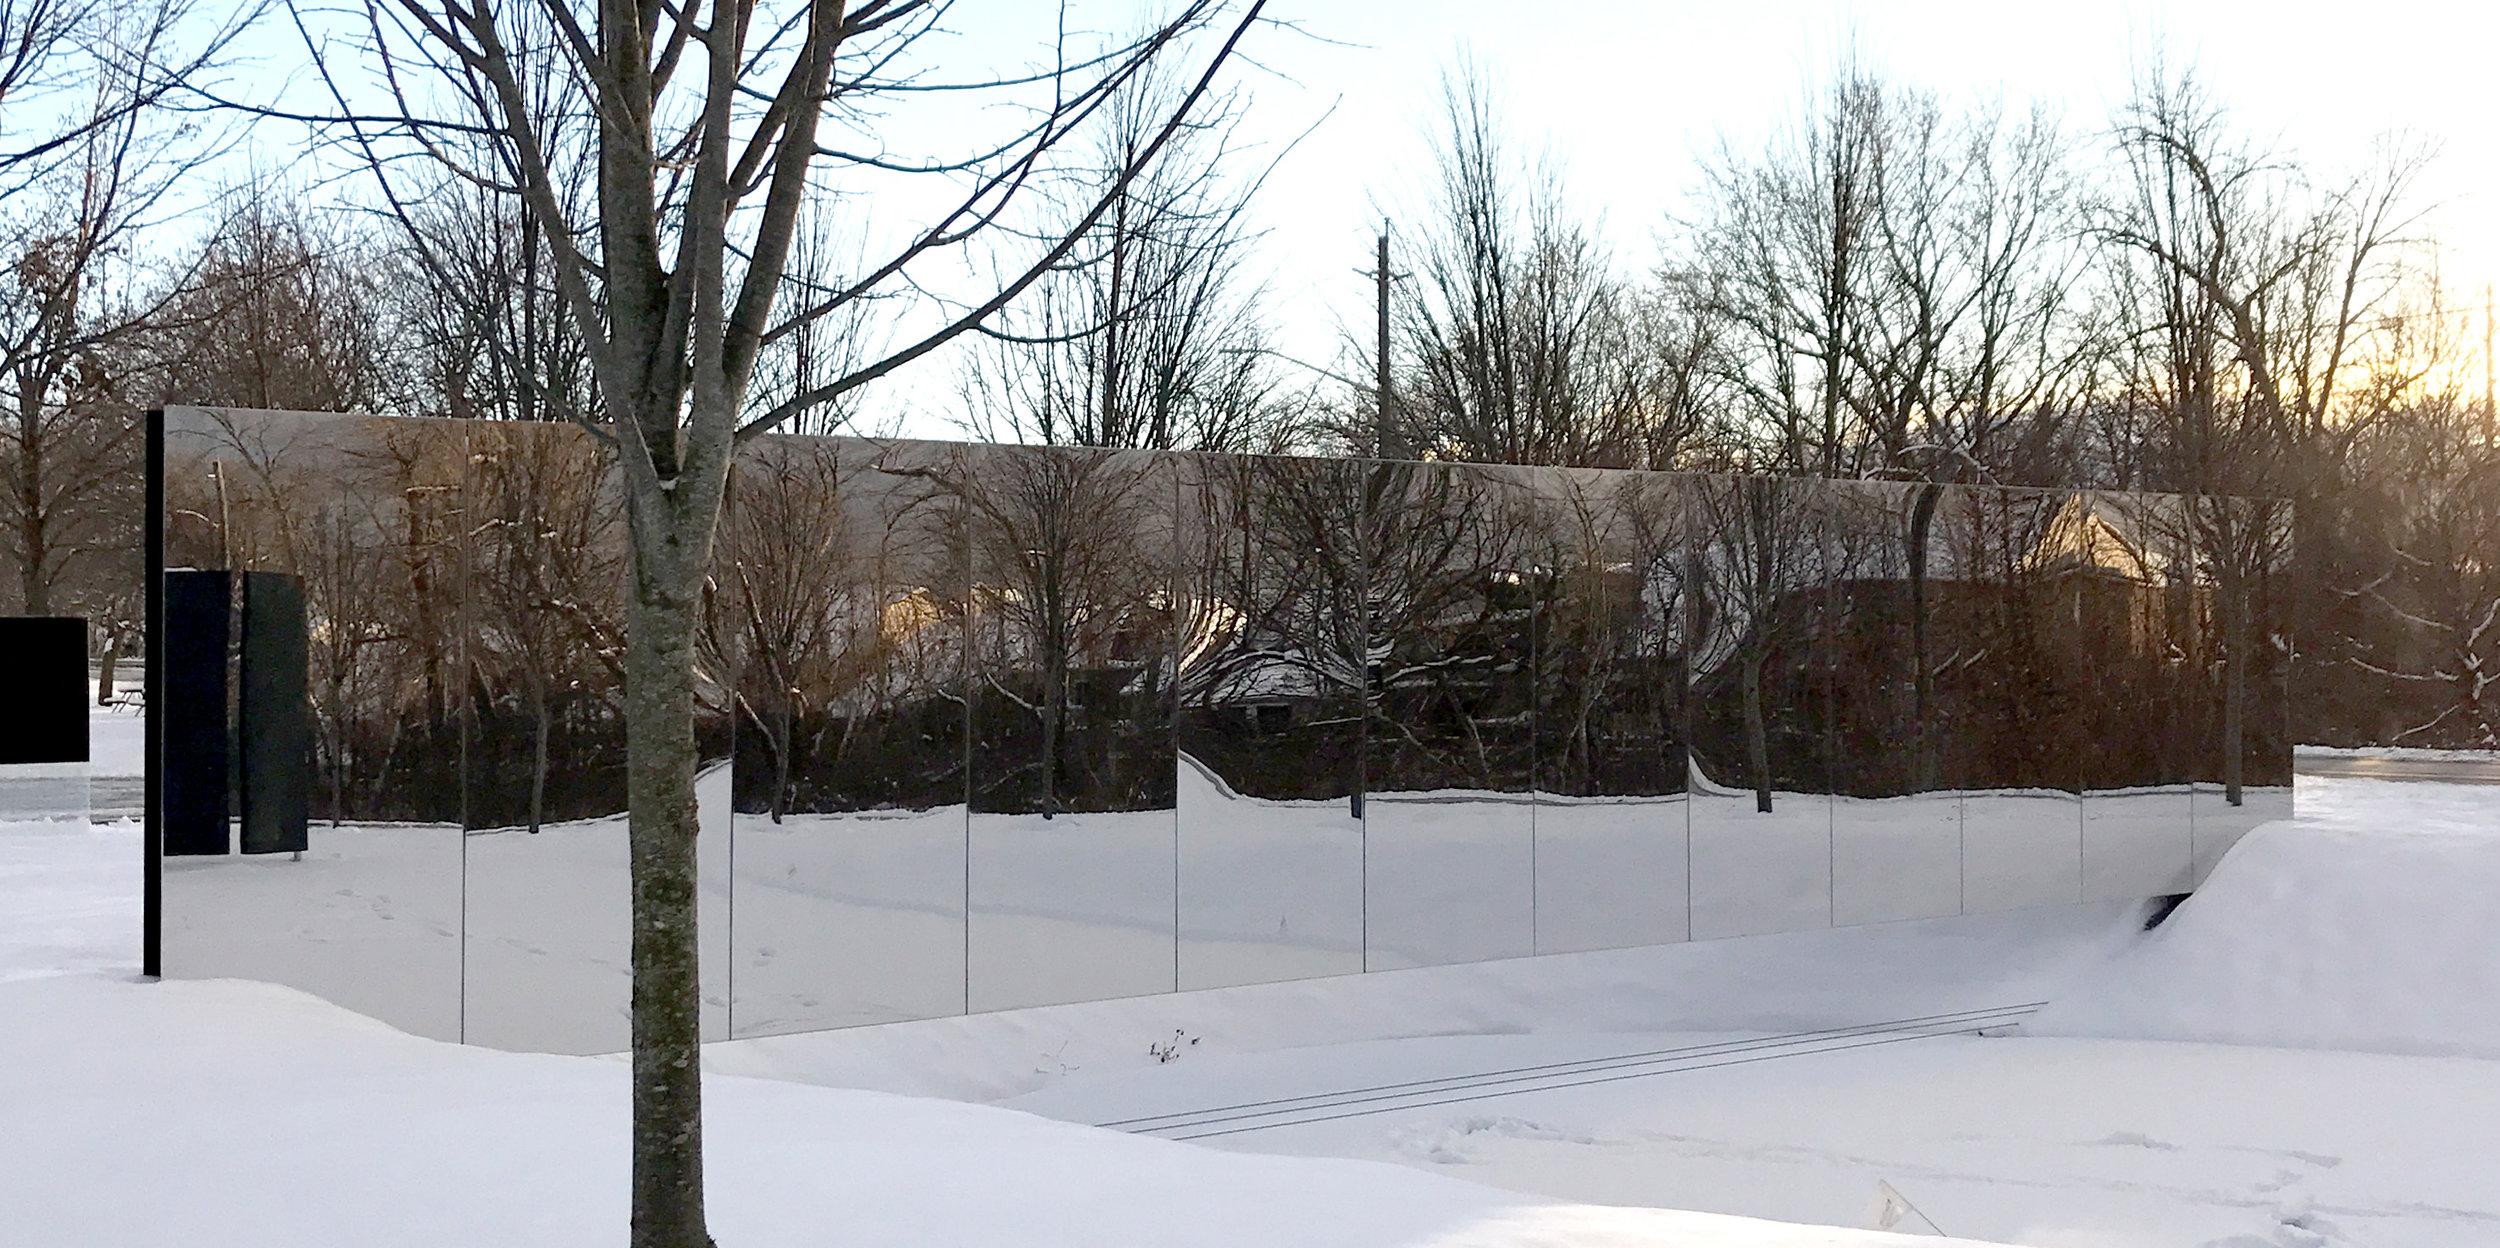 Dereck Revington Studio - Welland Canal Fallen Workers Memorial - Mirror Side Winter